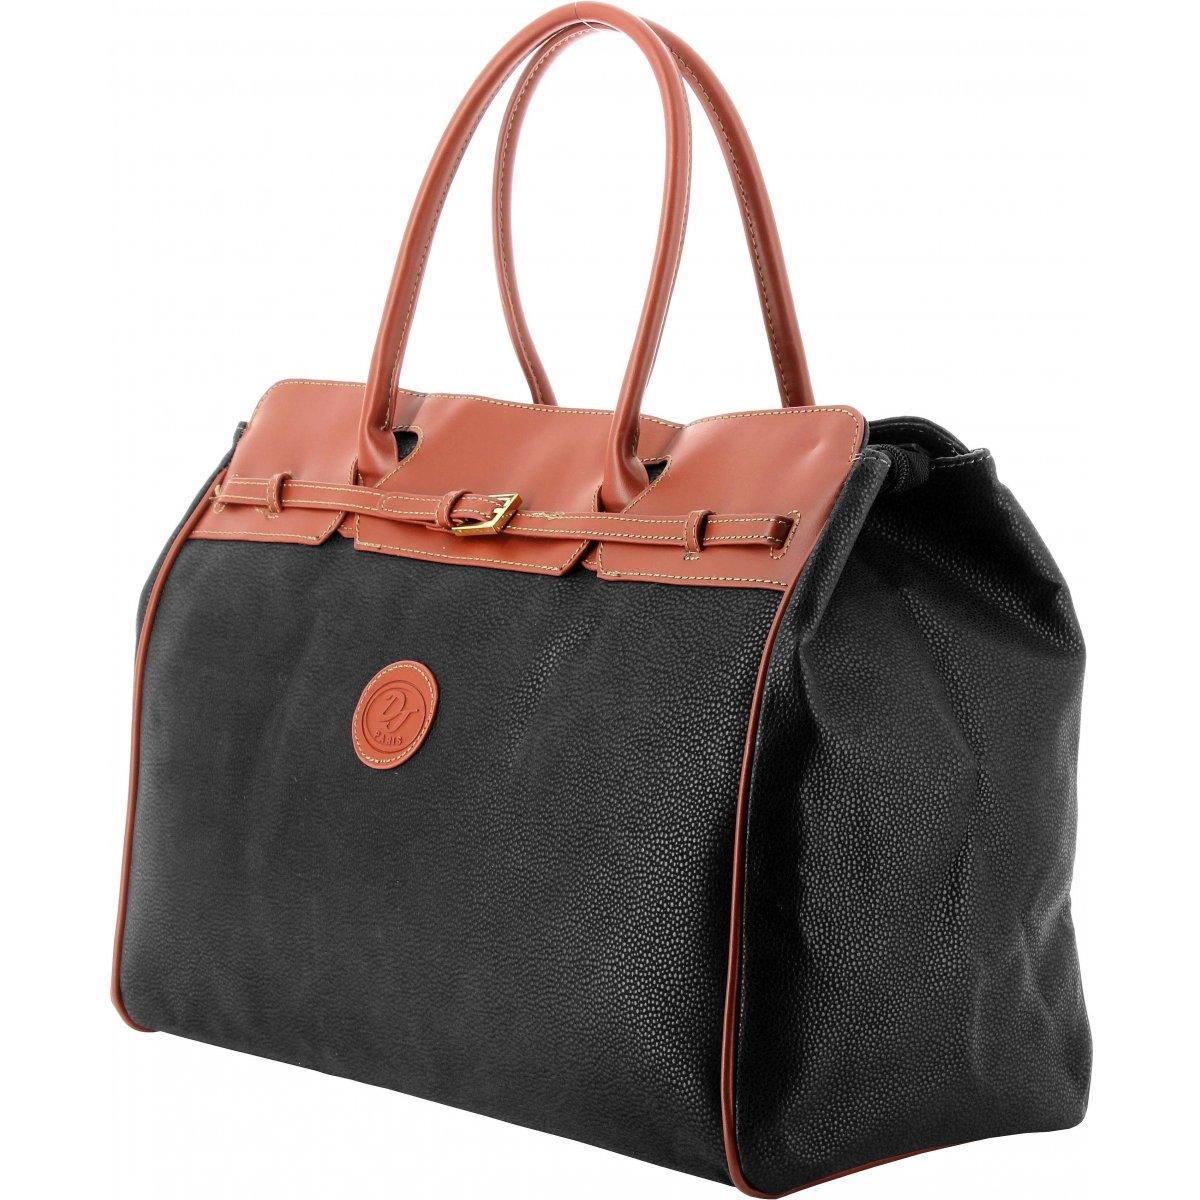 sac de voyage 48h david jones dj88887a couleur noir. Black Bedroom Furniture Sets. Home Design Ideas